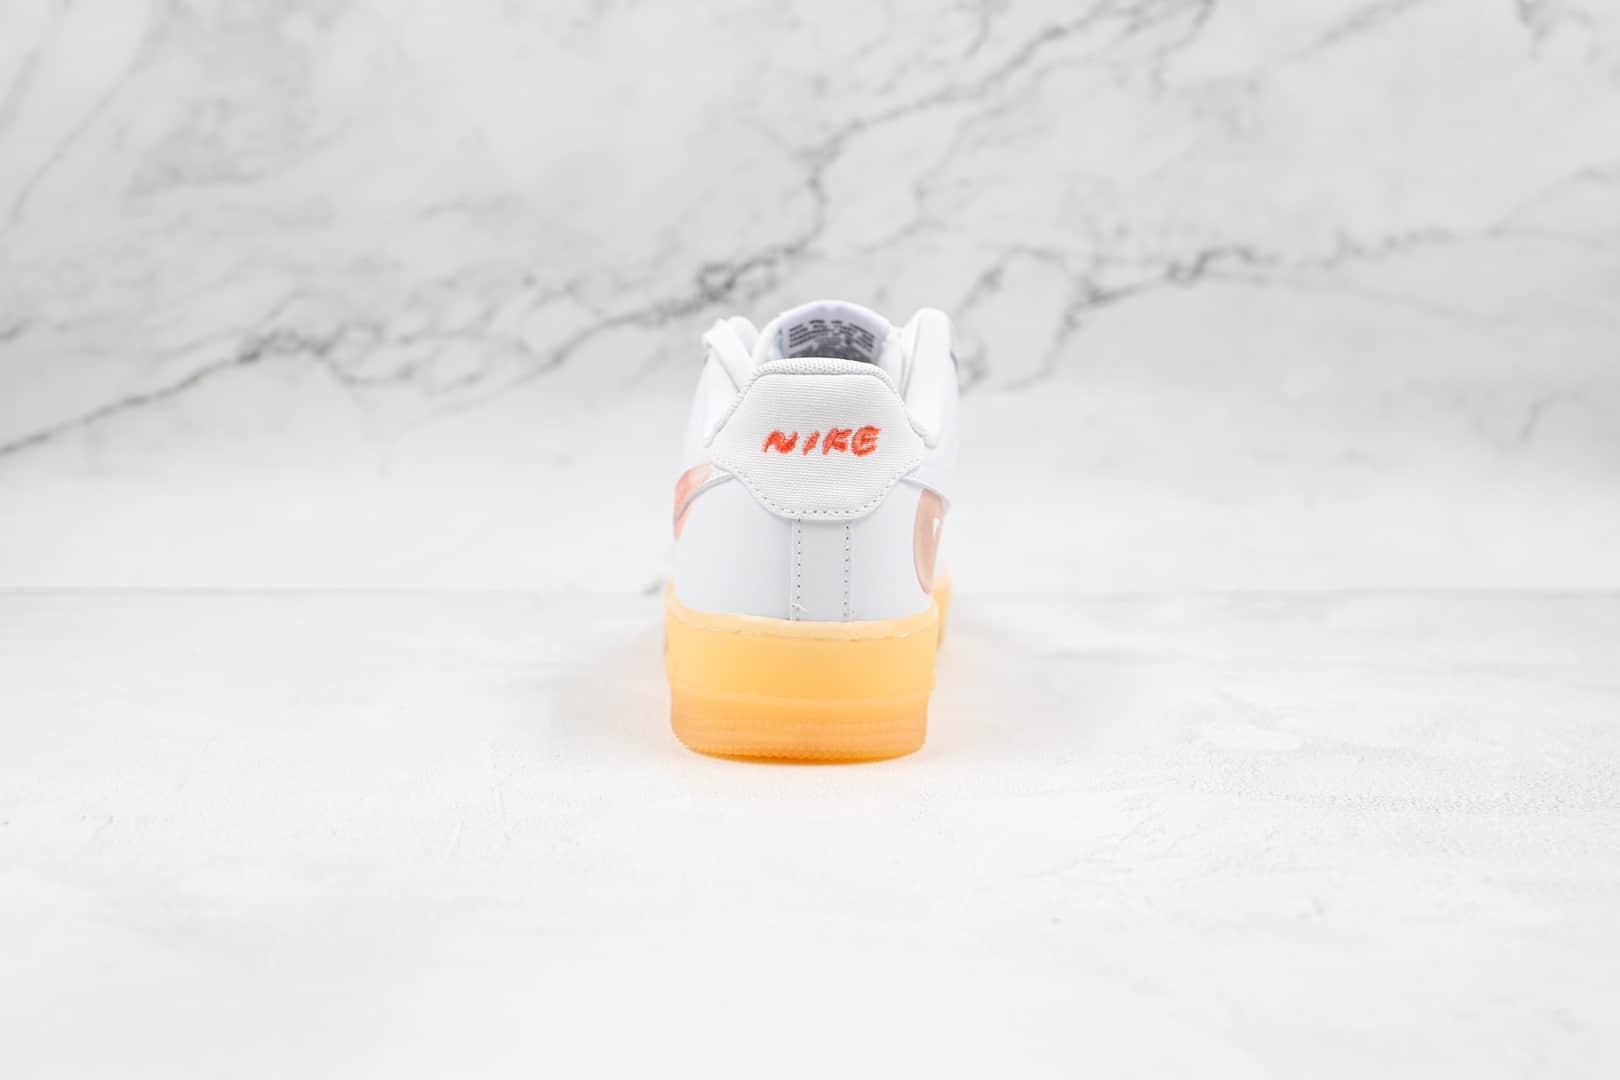 耐克Nike Flyleather x Mayumi Yamase联名款纯原版本低帮空军一号涂鸦生胶底板鞋内置气垫 货号:DB3595-100